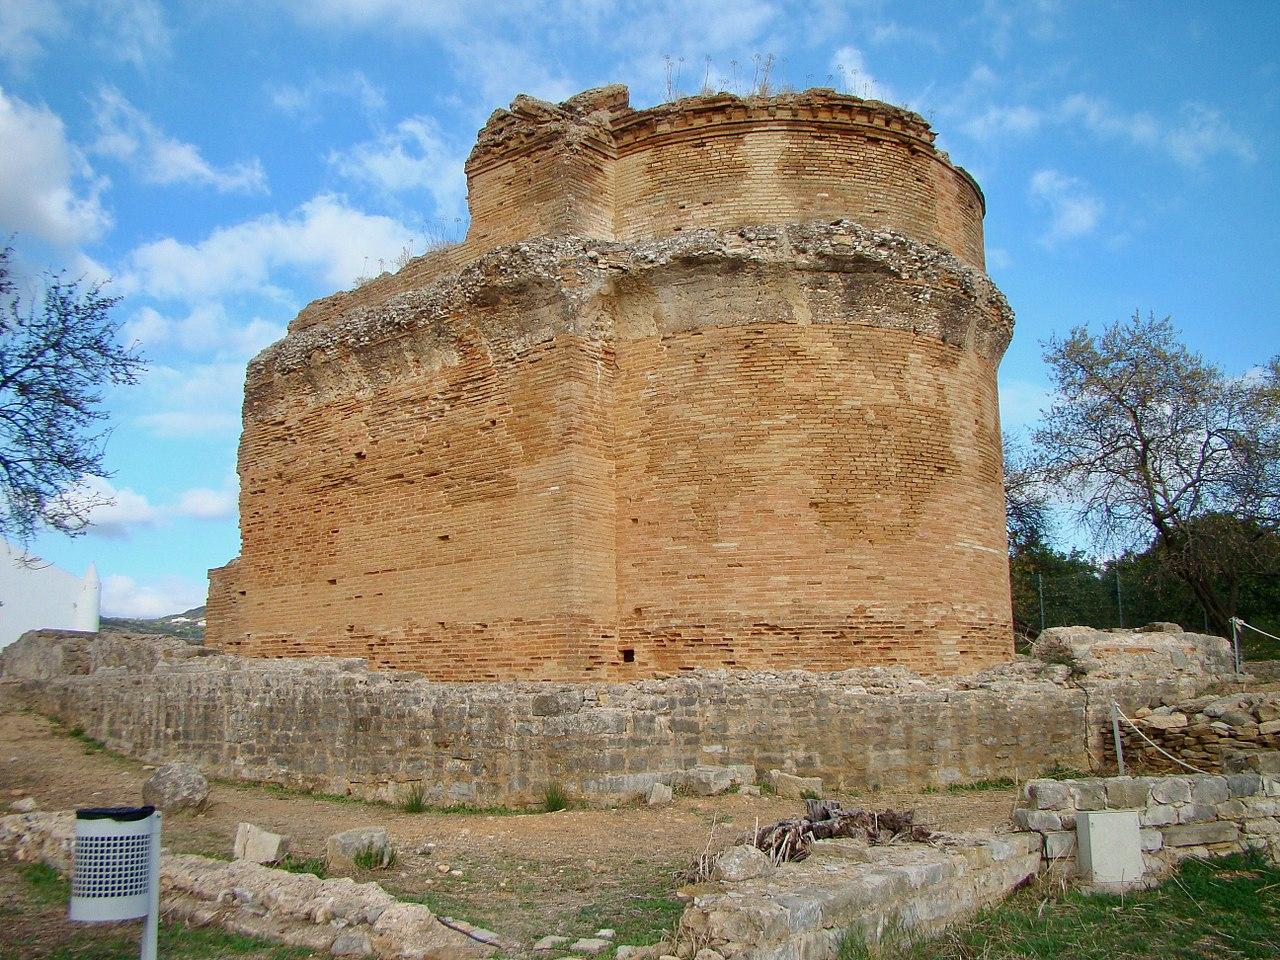 Roman Ruins - Estoi Wikipedia-user: Bextrel